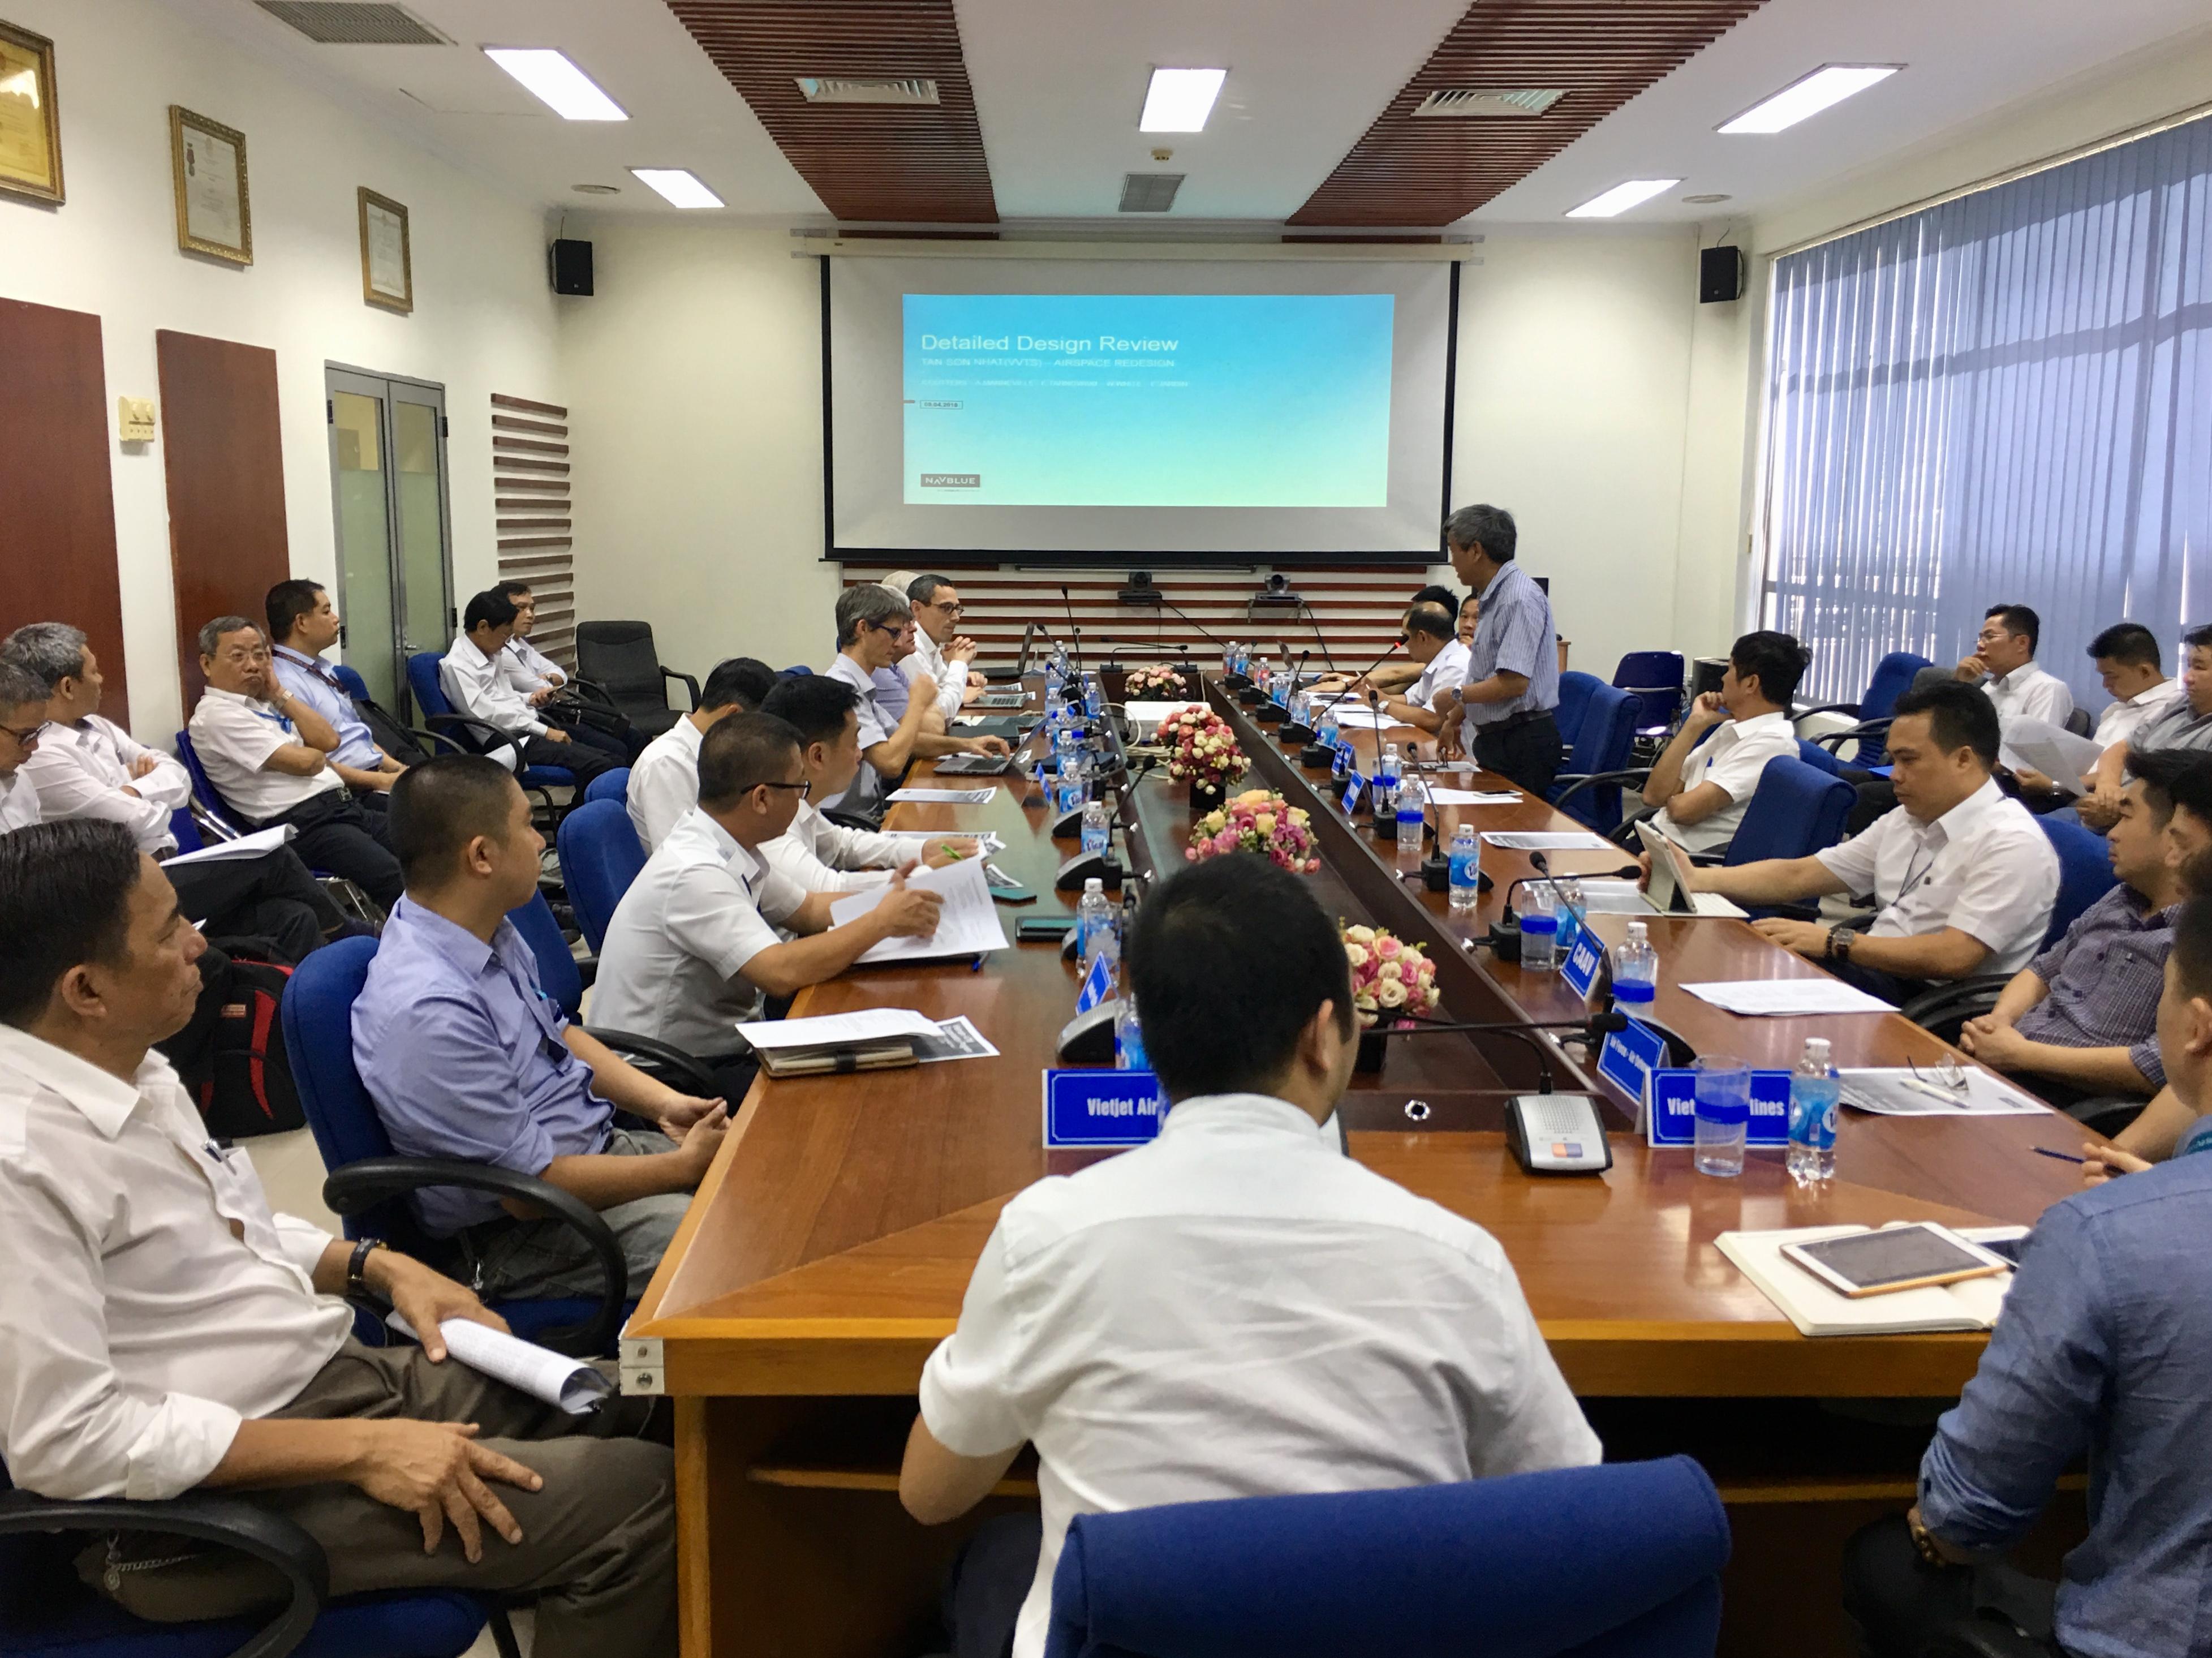 Chương trình Hợp tác Quản lý không lưu tại Việt Nam với Công ty NAVBLUE S.A.S/Airbus: Họp rà soát Thiết kế chi tiết phương thức bay khu vực sân bay Tân Sơn Nhất (VVTS DDR)